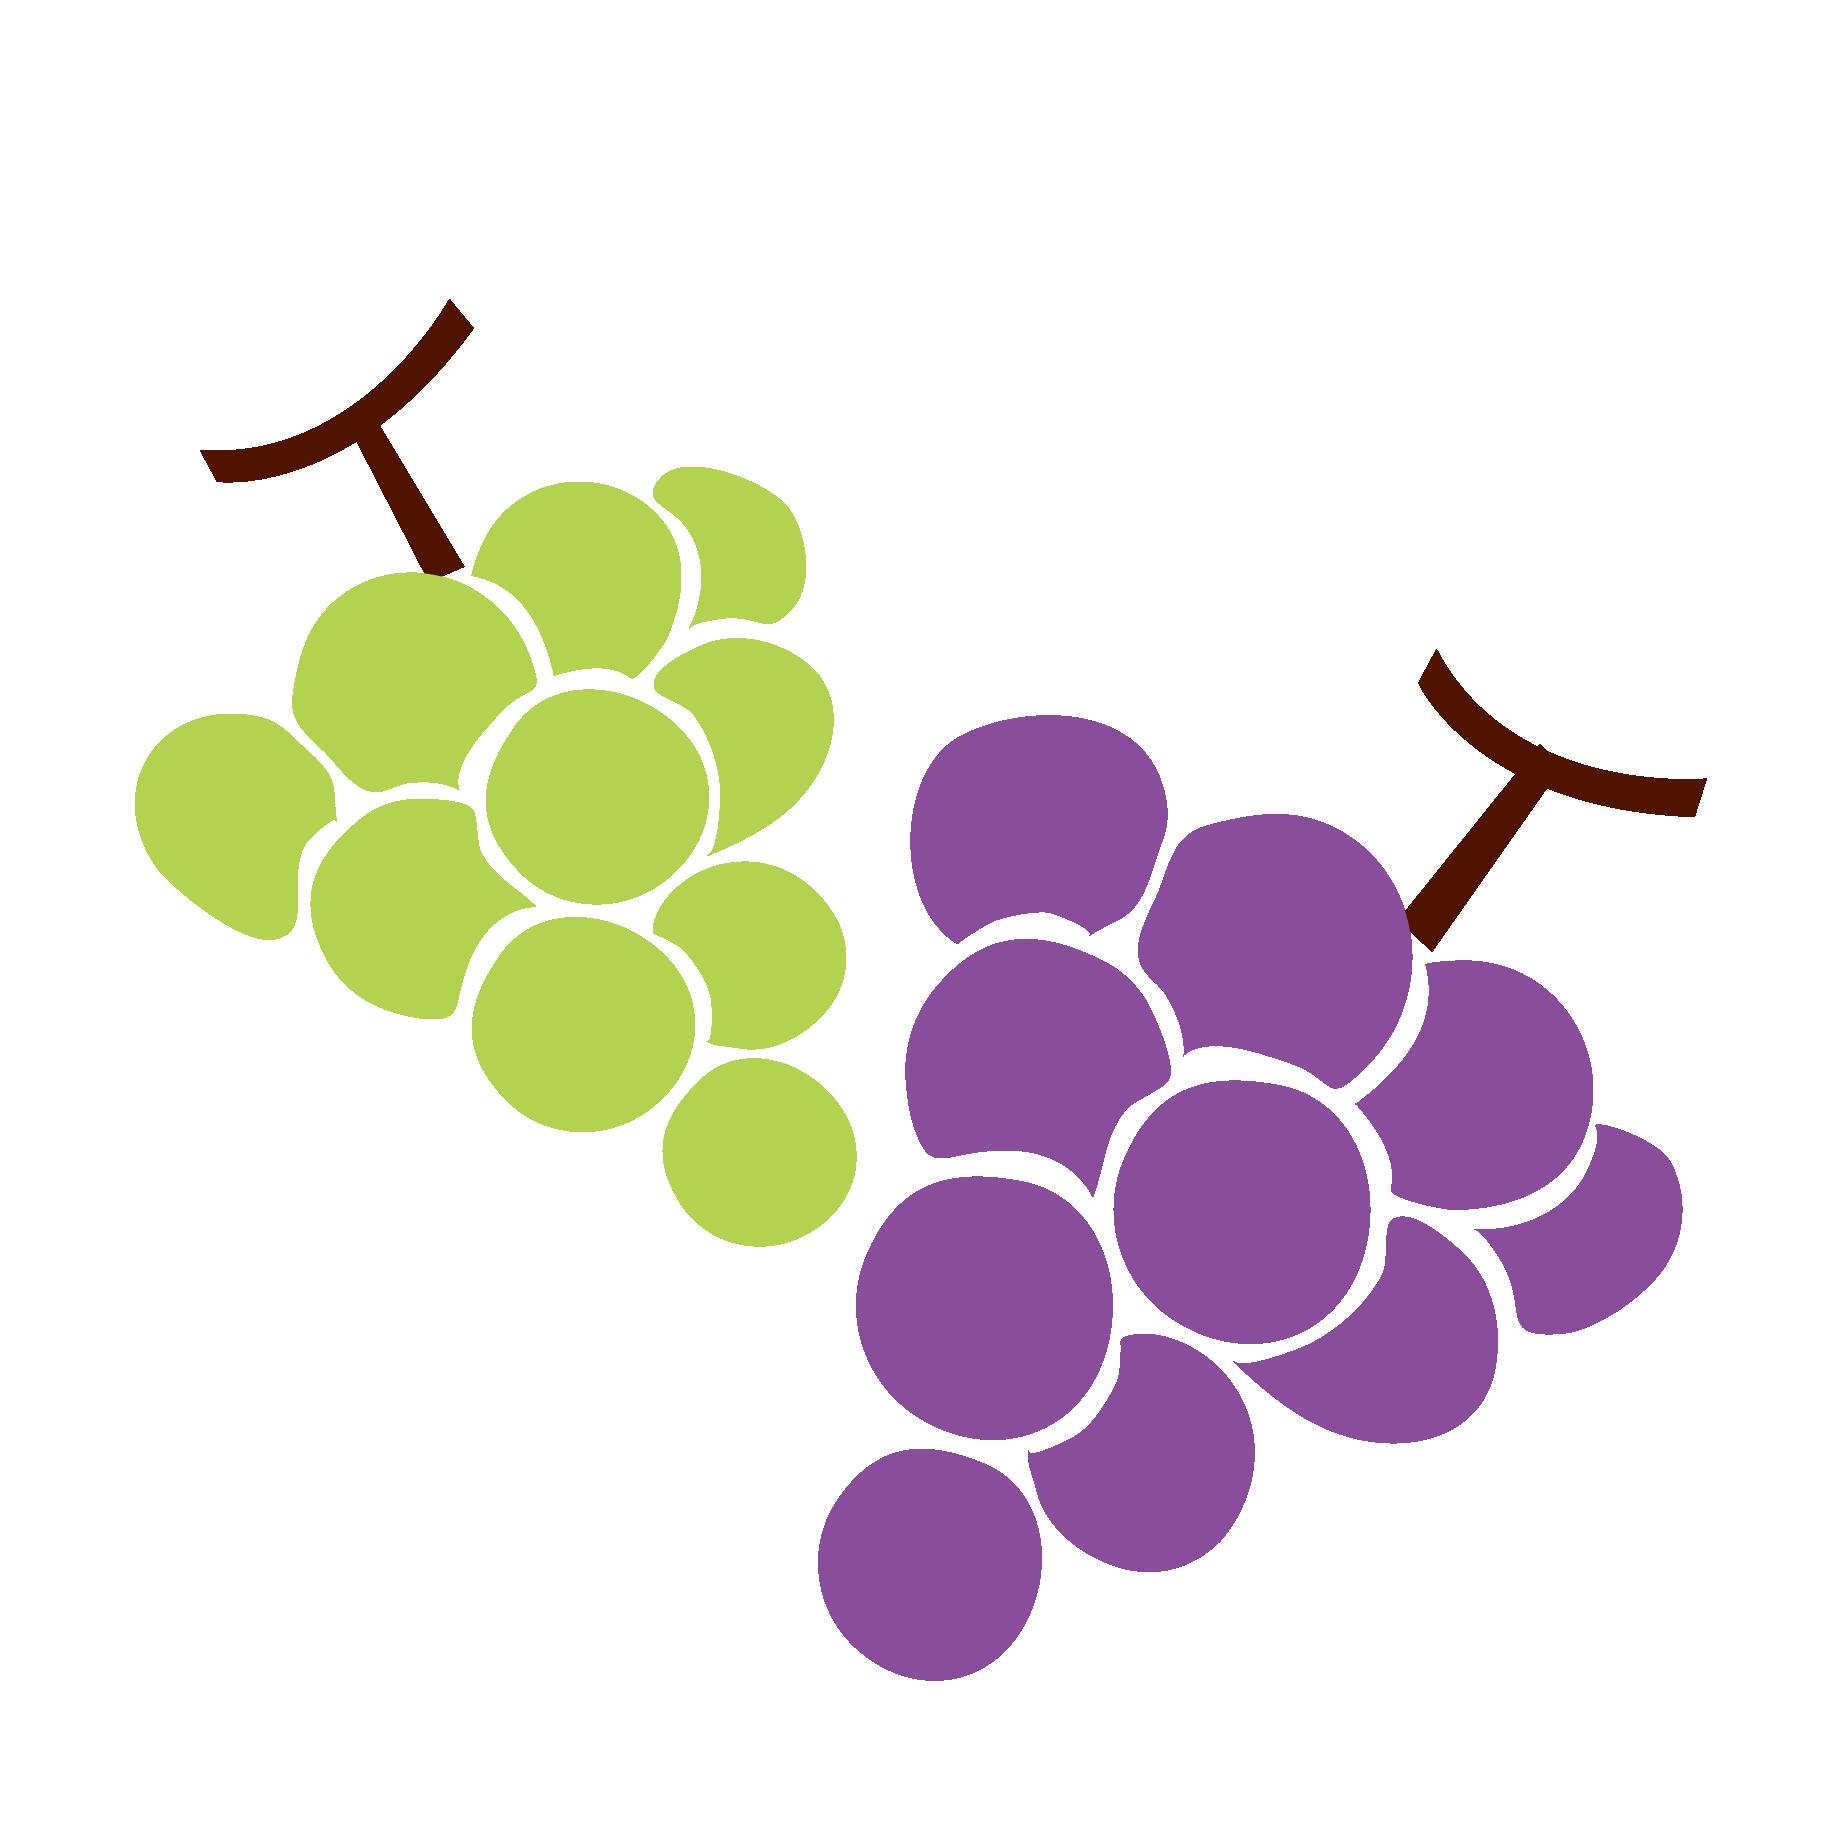 葡萄(ブドウ・ぶどう)とマスカットのイラスト【フルーツ・果物